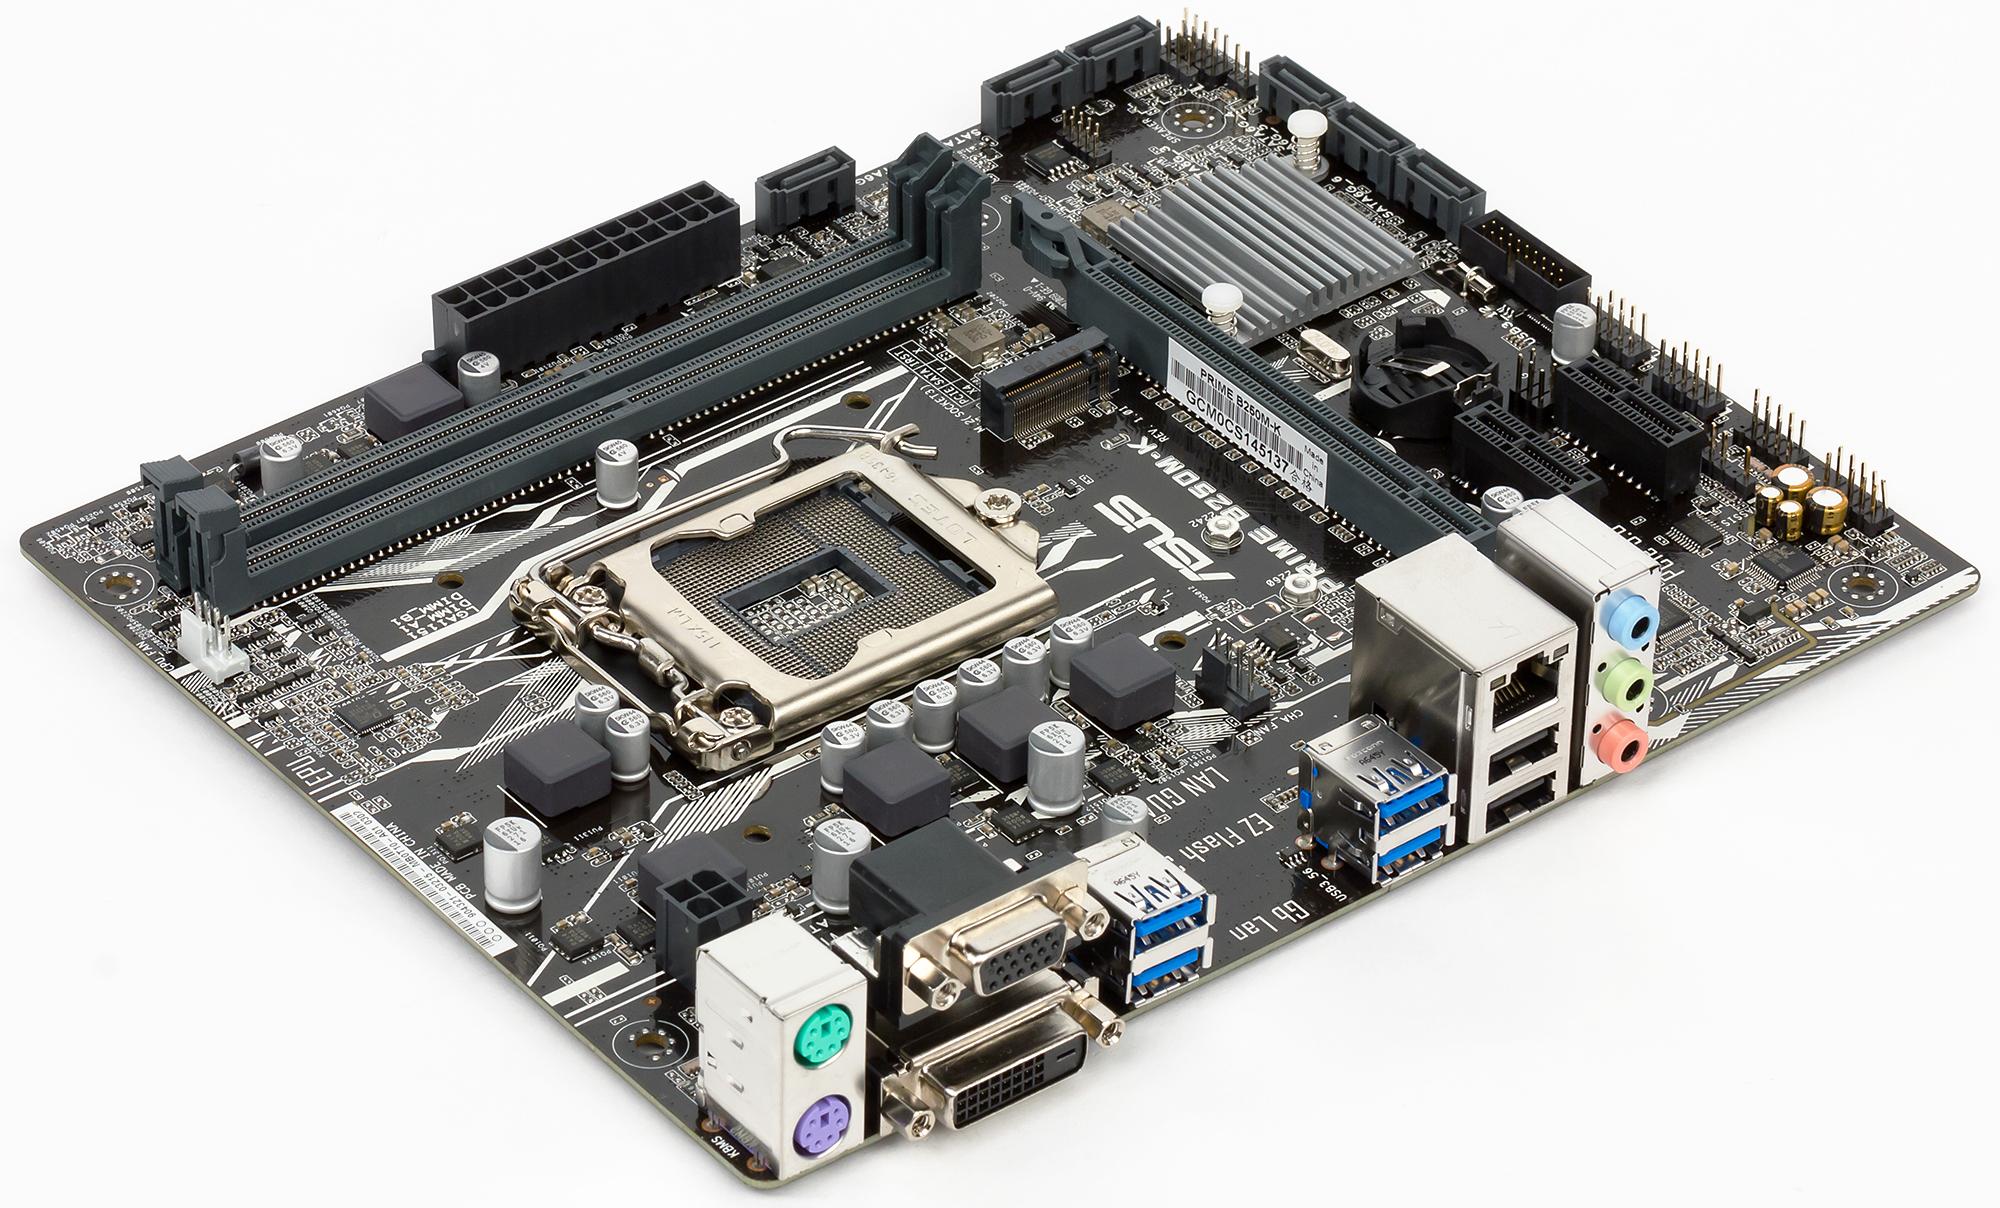 Материнская плата Supermicro MBD-X10DRH-C-O 2xLGA2011 C612 16xDDR3 1xPCI-E 16x 6xPCI-E 8x 10xSATA3 2